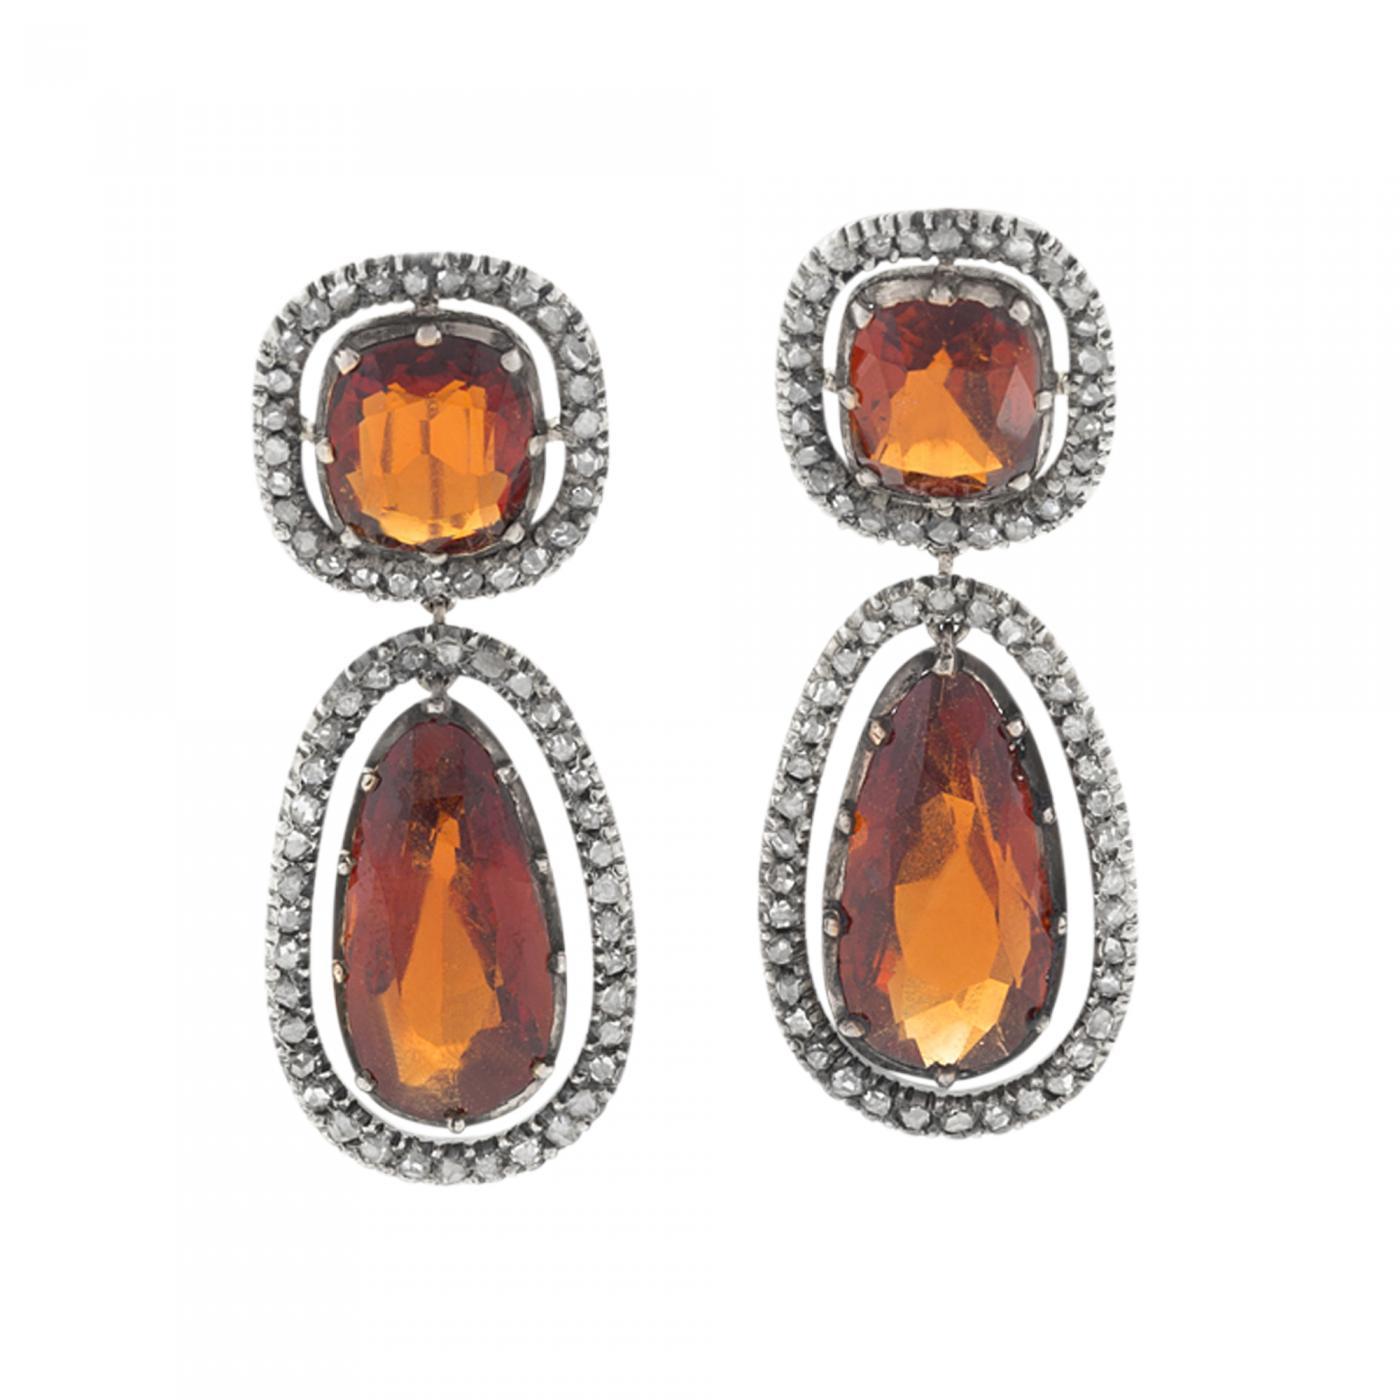 Antique Hessonite Garnet and Diamond Earrings